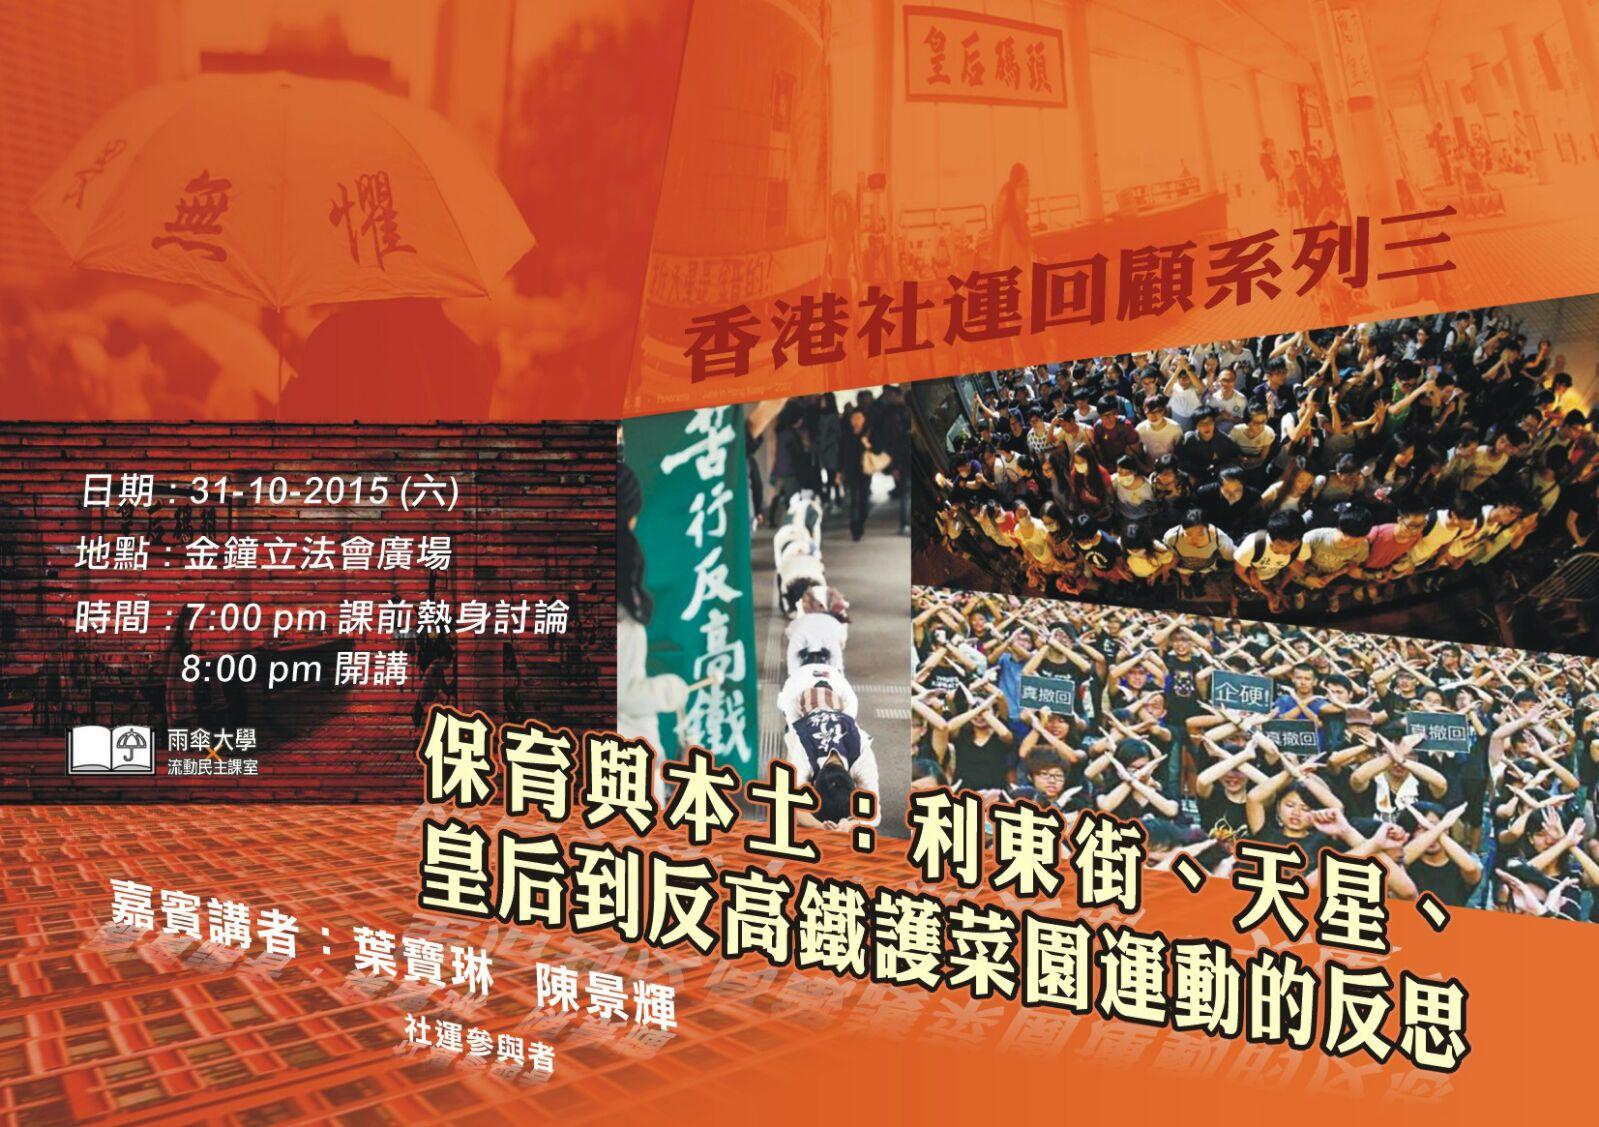 葉寶琳 陳景輝《保育與本土 -- 利東街、天星、皇后、反高鐵至守護棻園村運動的反思》